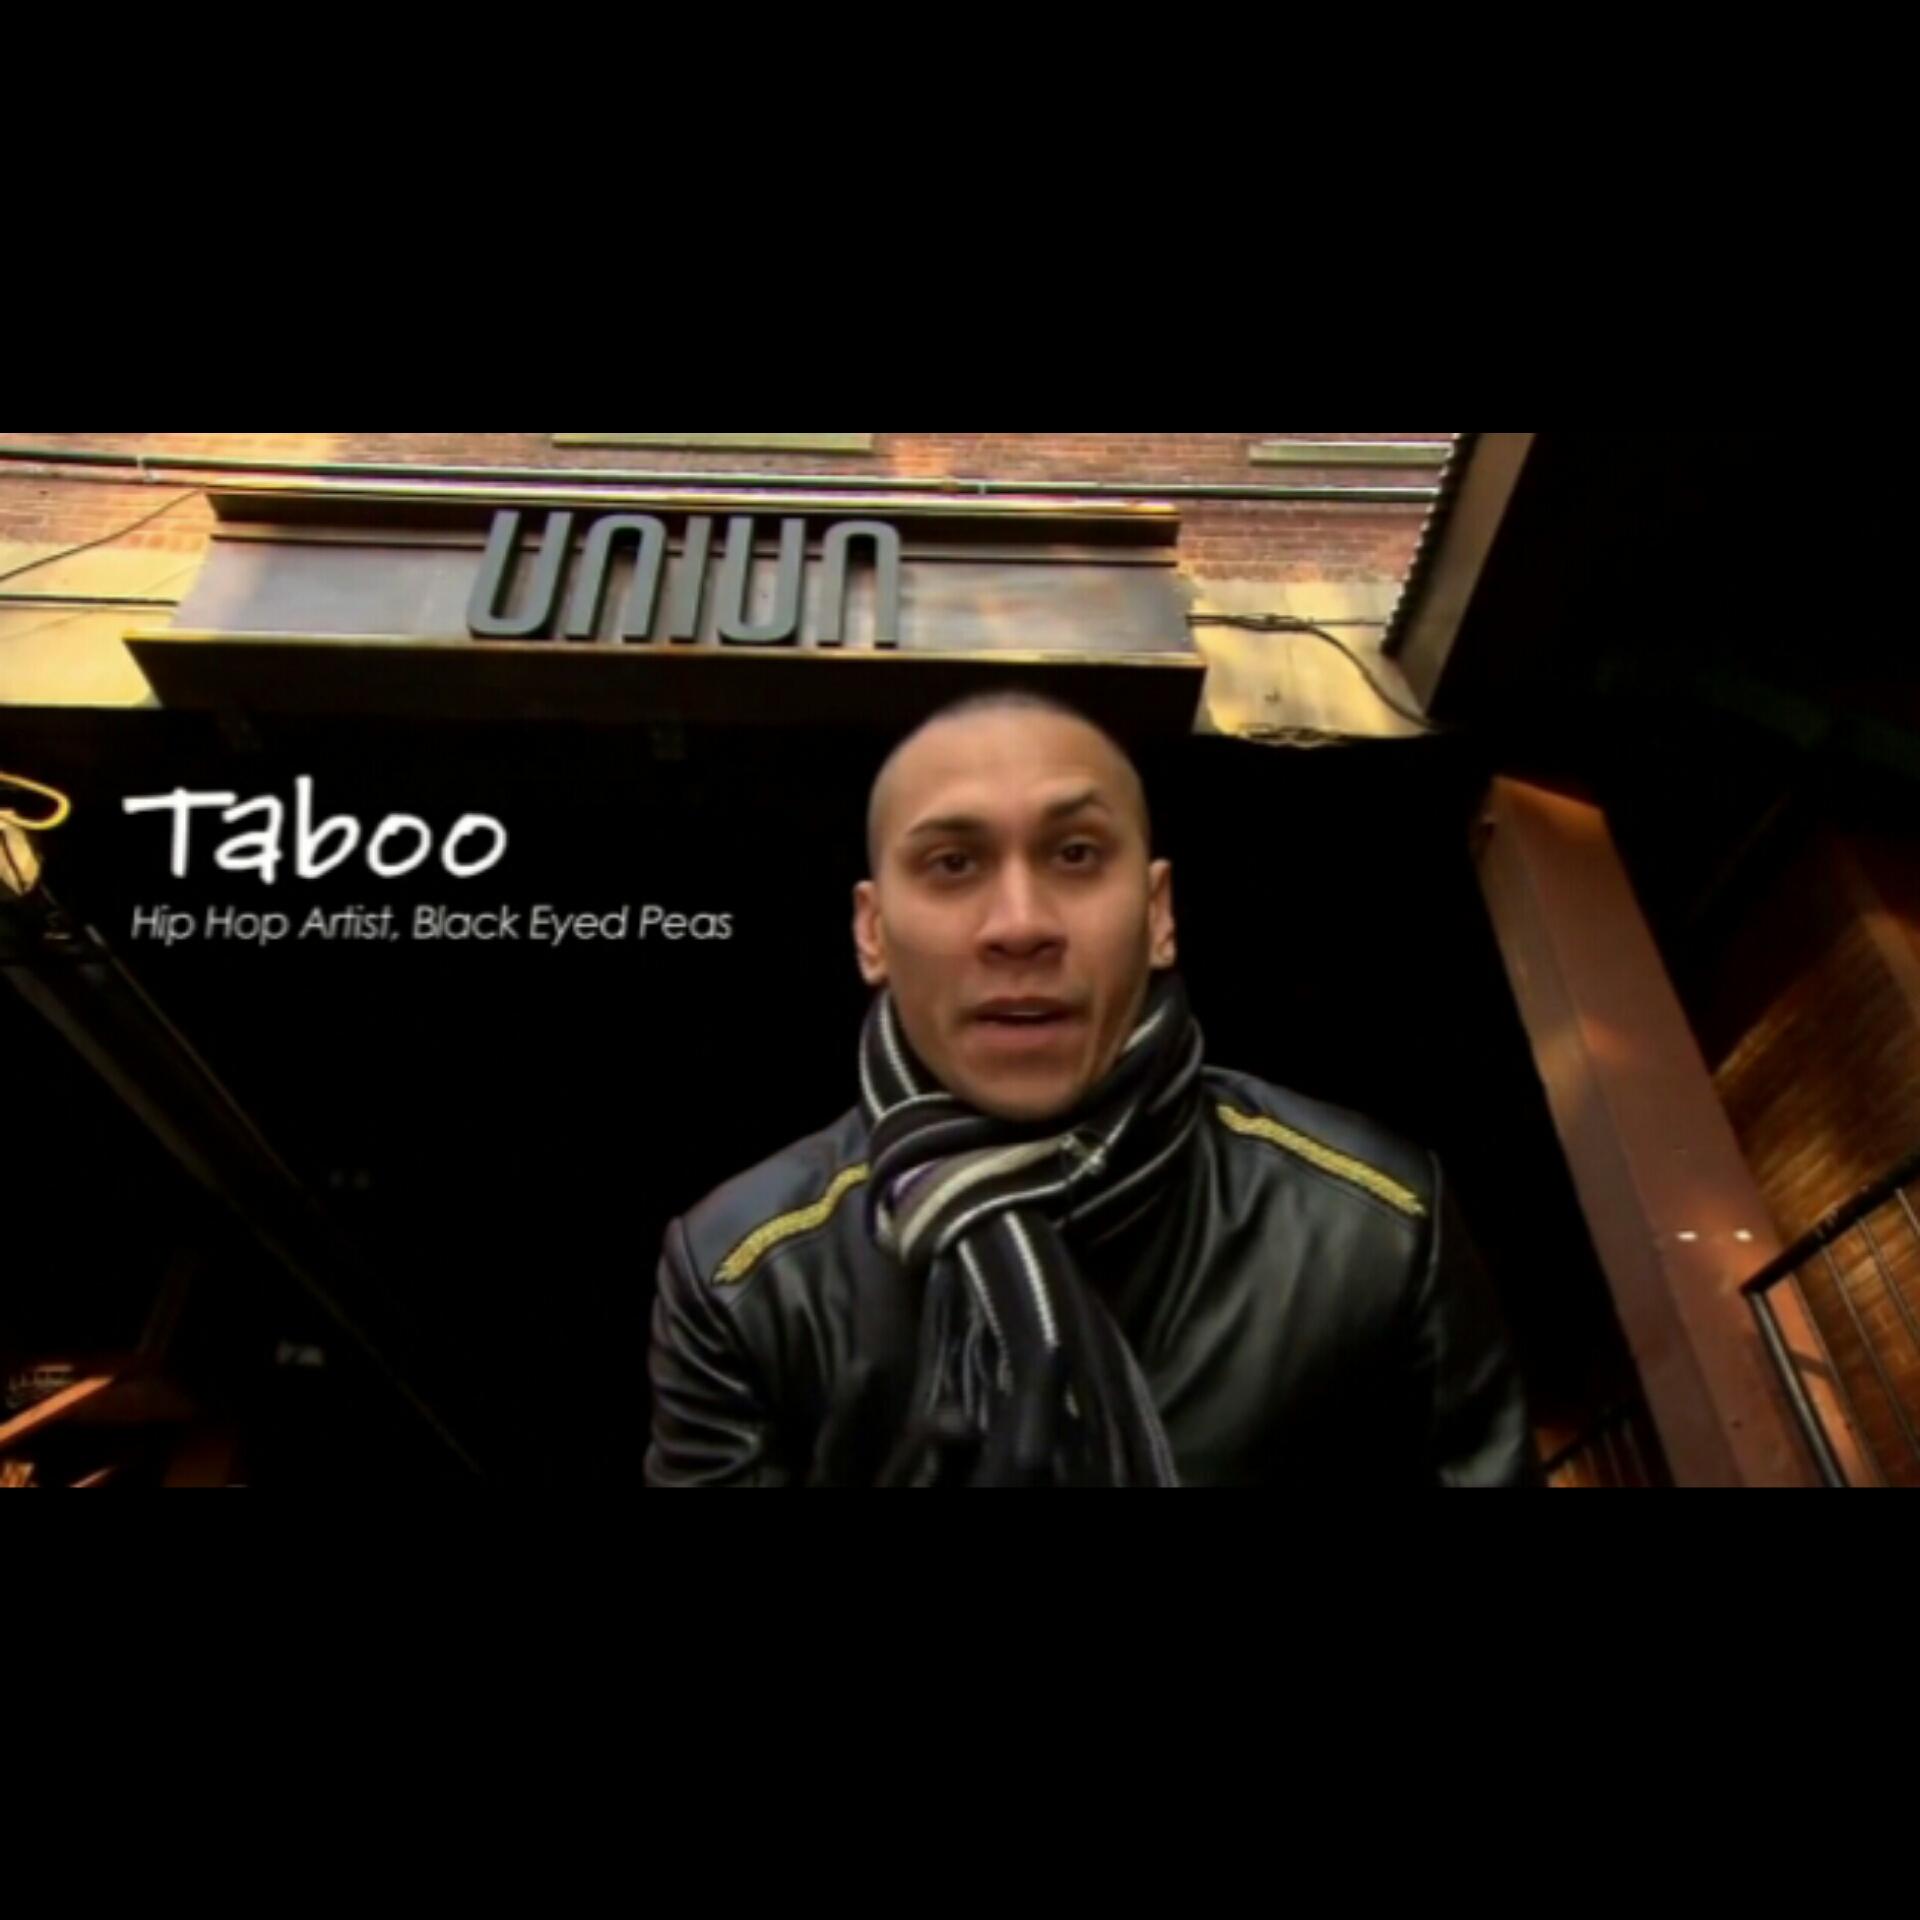 Taboo-Black Eyed Peas